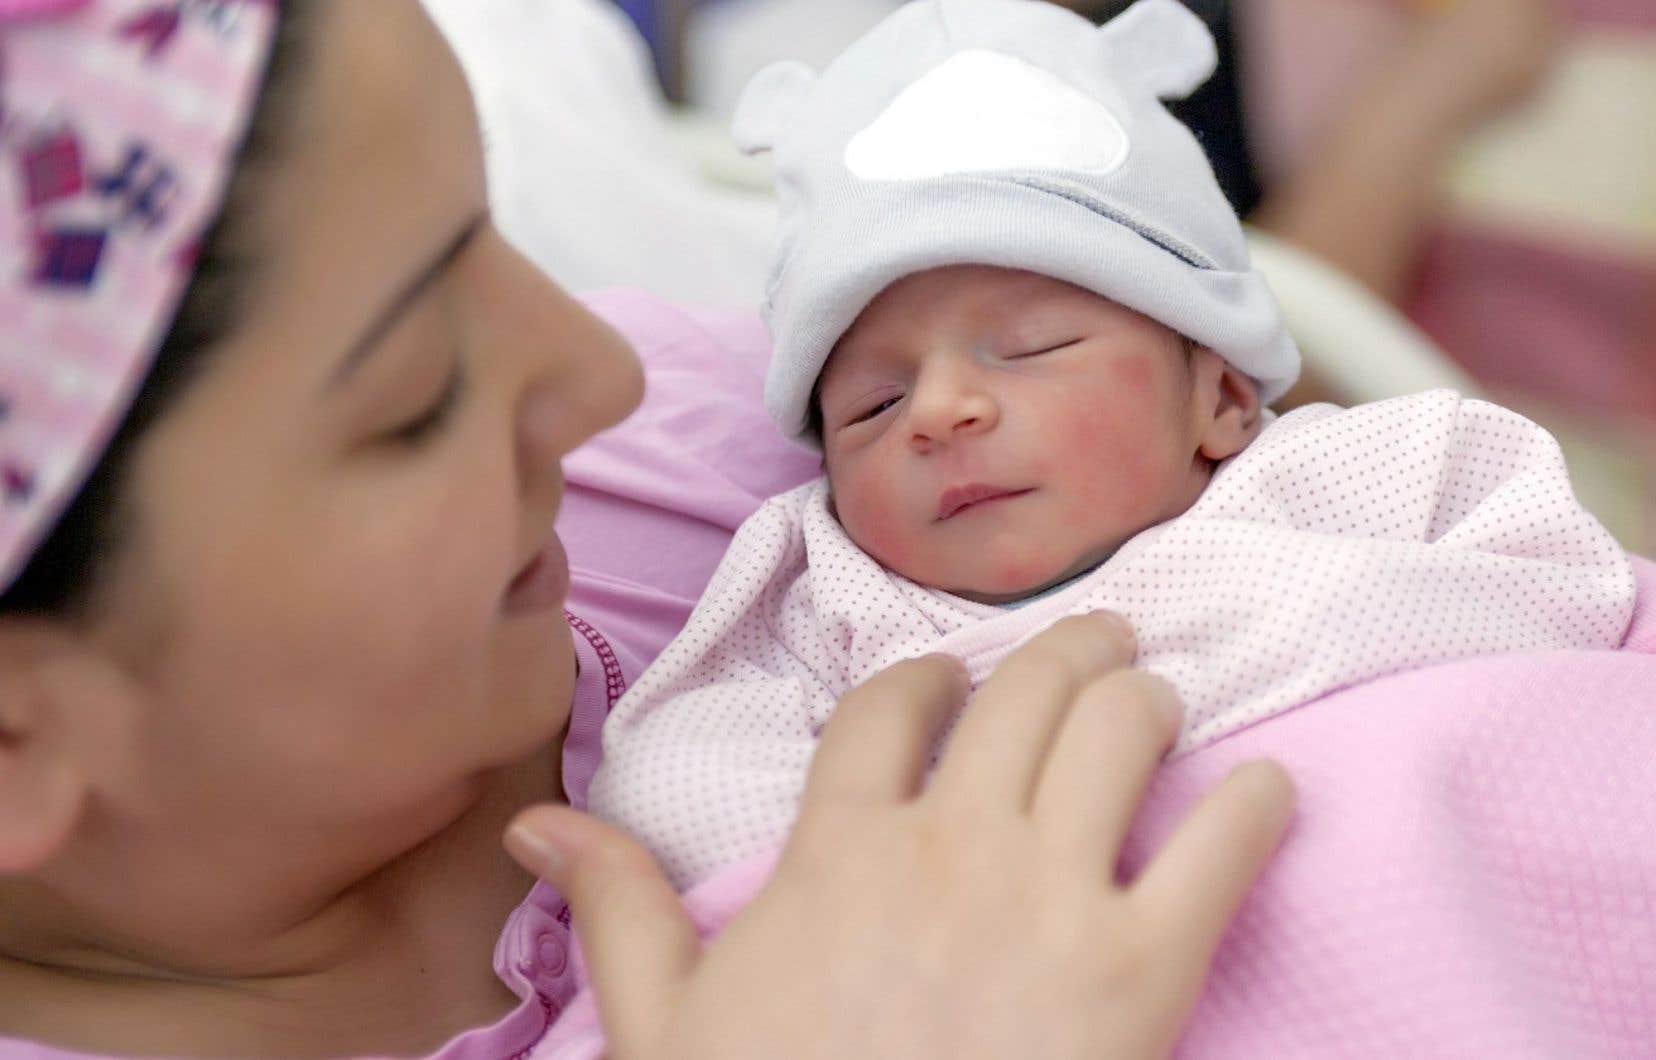 Les femmes enceintes sont en principe soumises à un test de dépistage en début de grossesse; ce sont des «failles potentielles» qui ont mené à la naissance de trois nouveau-nés atteints de syphilis en 2016.